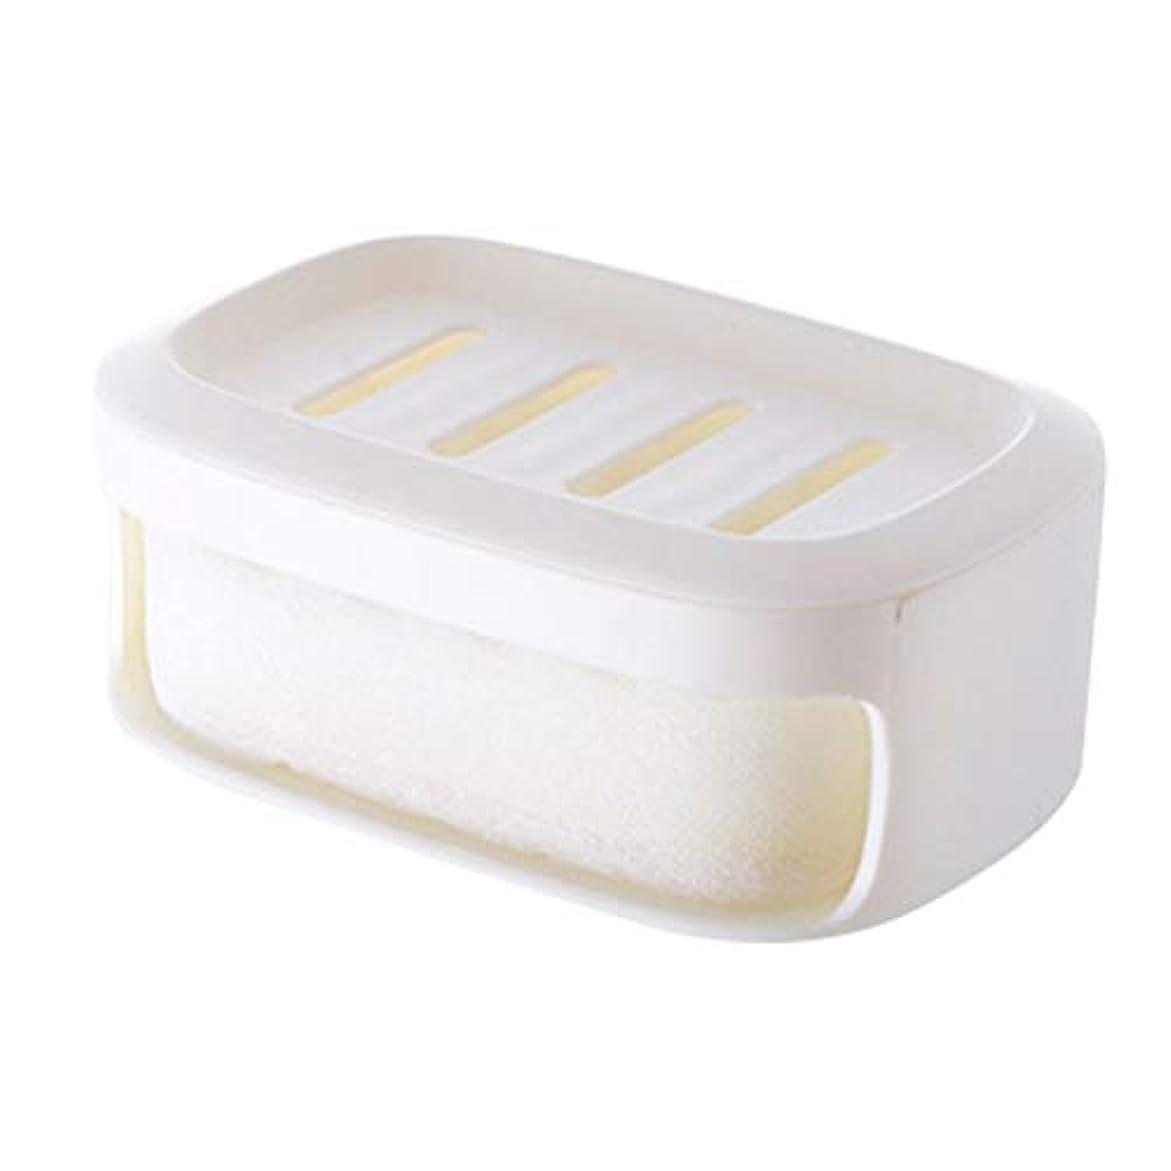 ばかげているテレマコス誤Healifty ソープボックス二重層防水シールソープコンテナバスルームソープ収納ケース(ホワイト)